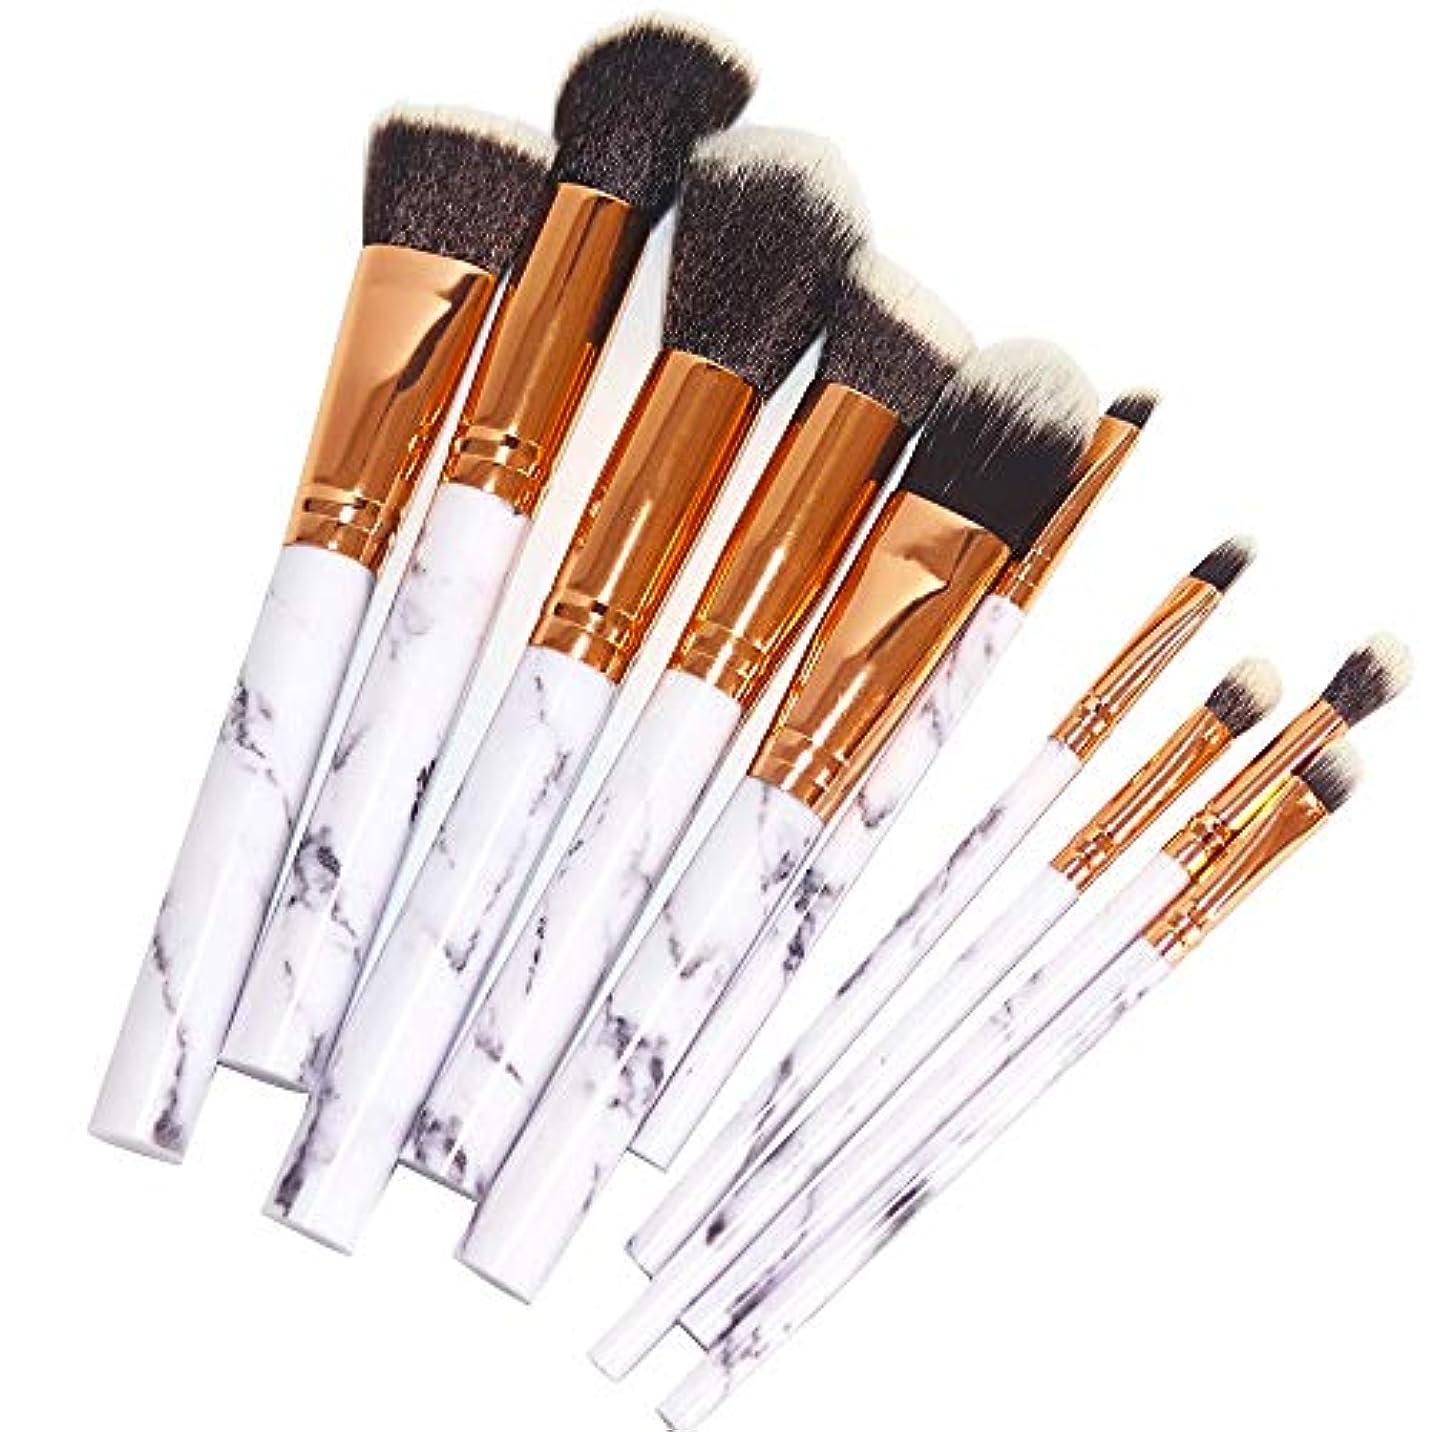 化粧筆 パウダーブラシ コスメ アイシャドーブラシ 大理石柄 化粧ブラシ 高級繊維毛 柔らかい 携帯便利 ソフトメイクブラシセット 10本セット